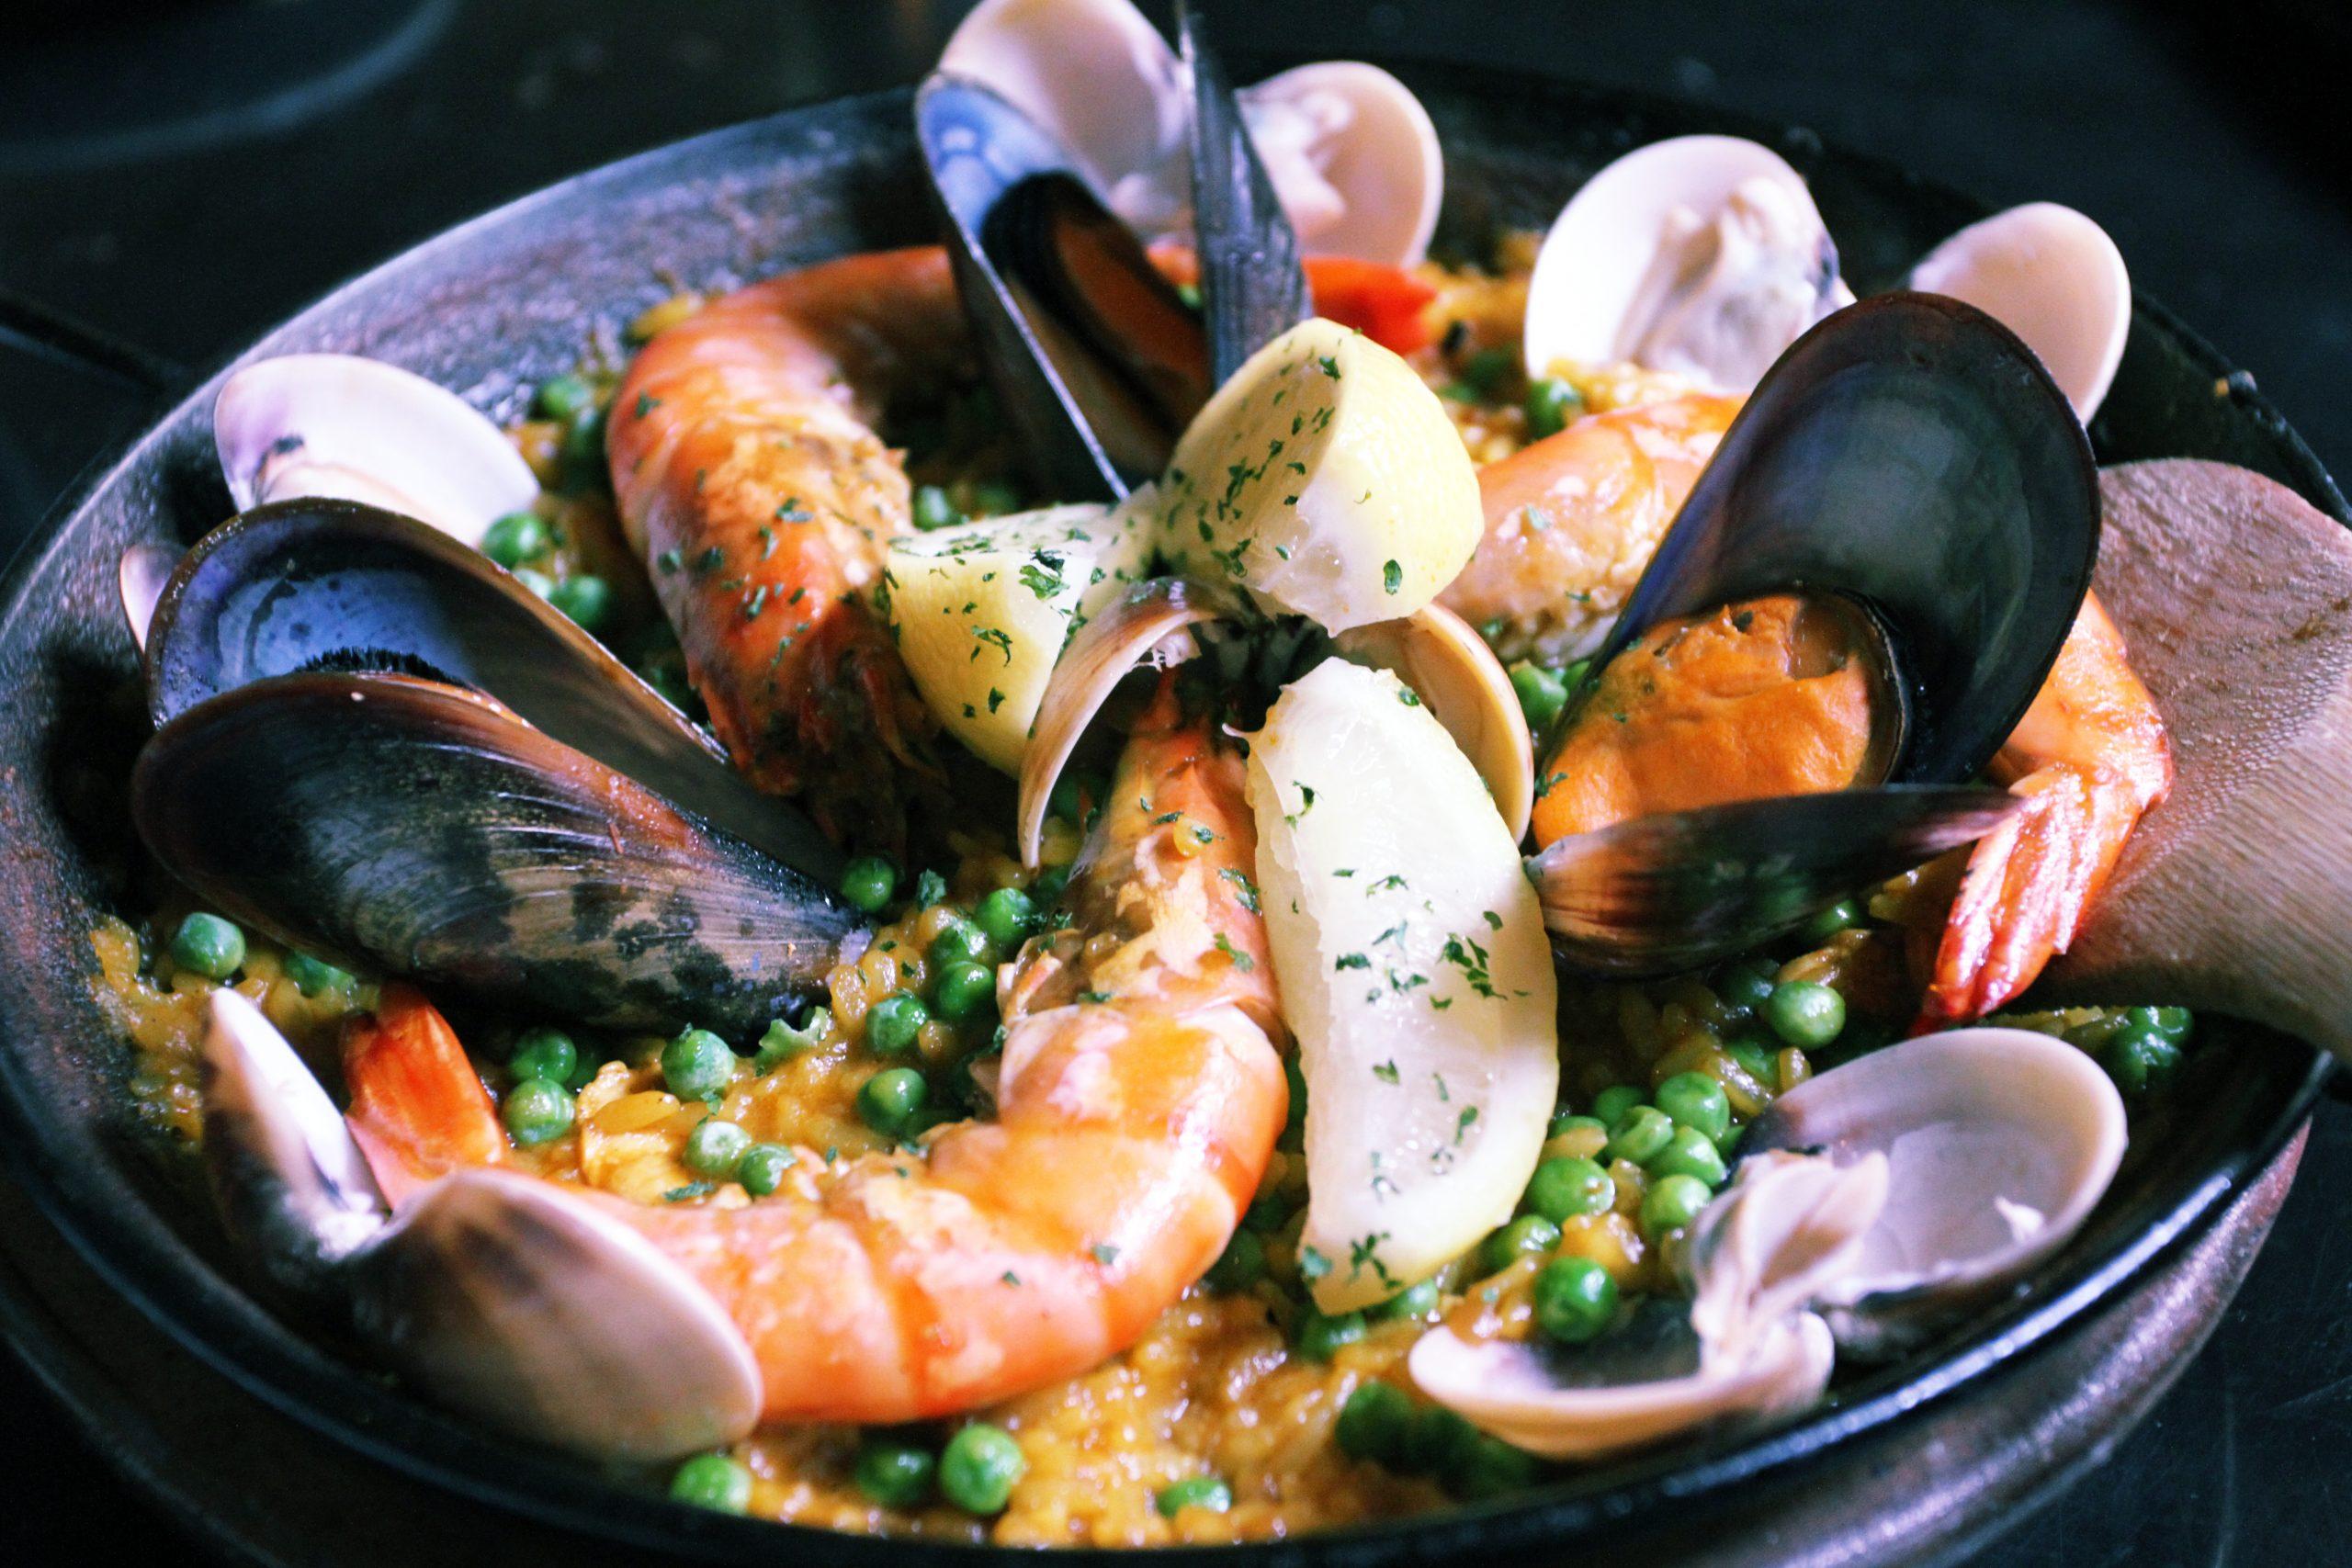 世界美食大师-意大利炖饭与西班牙饭